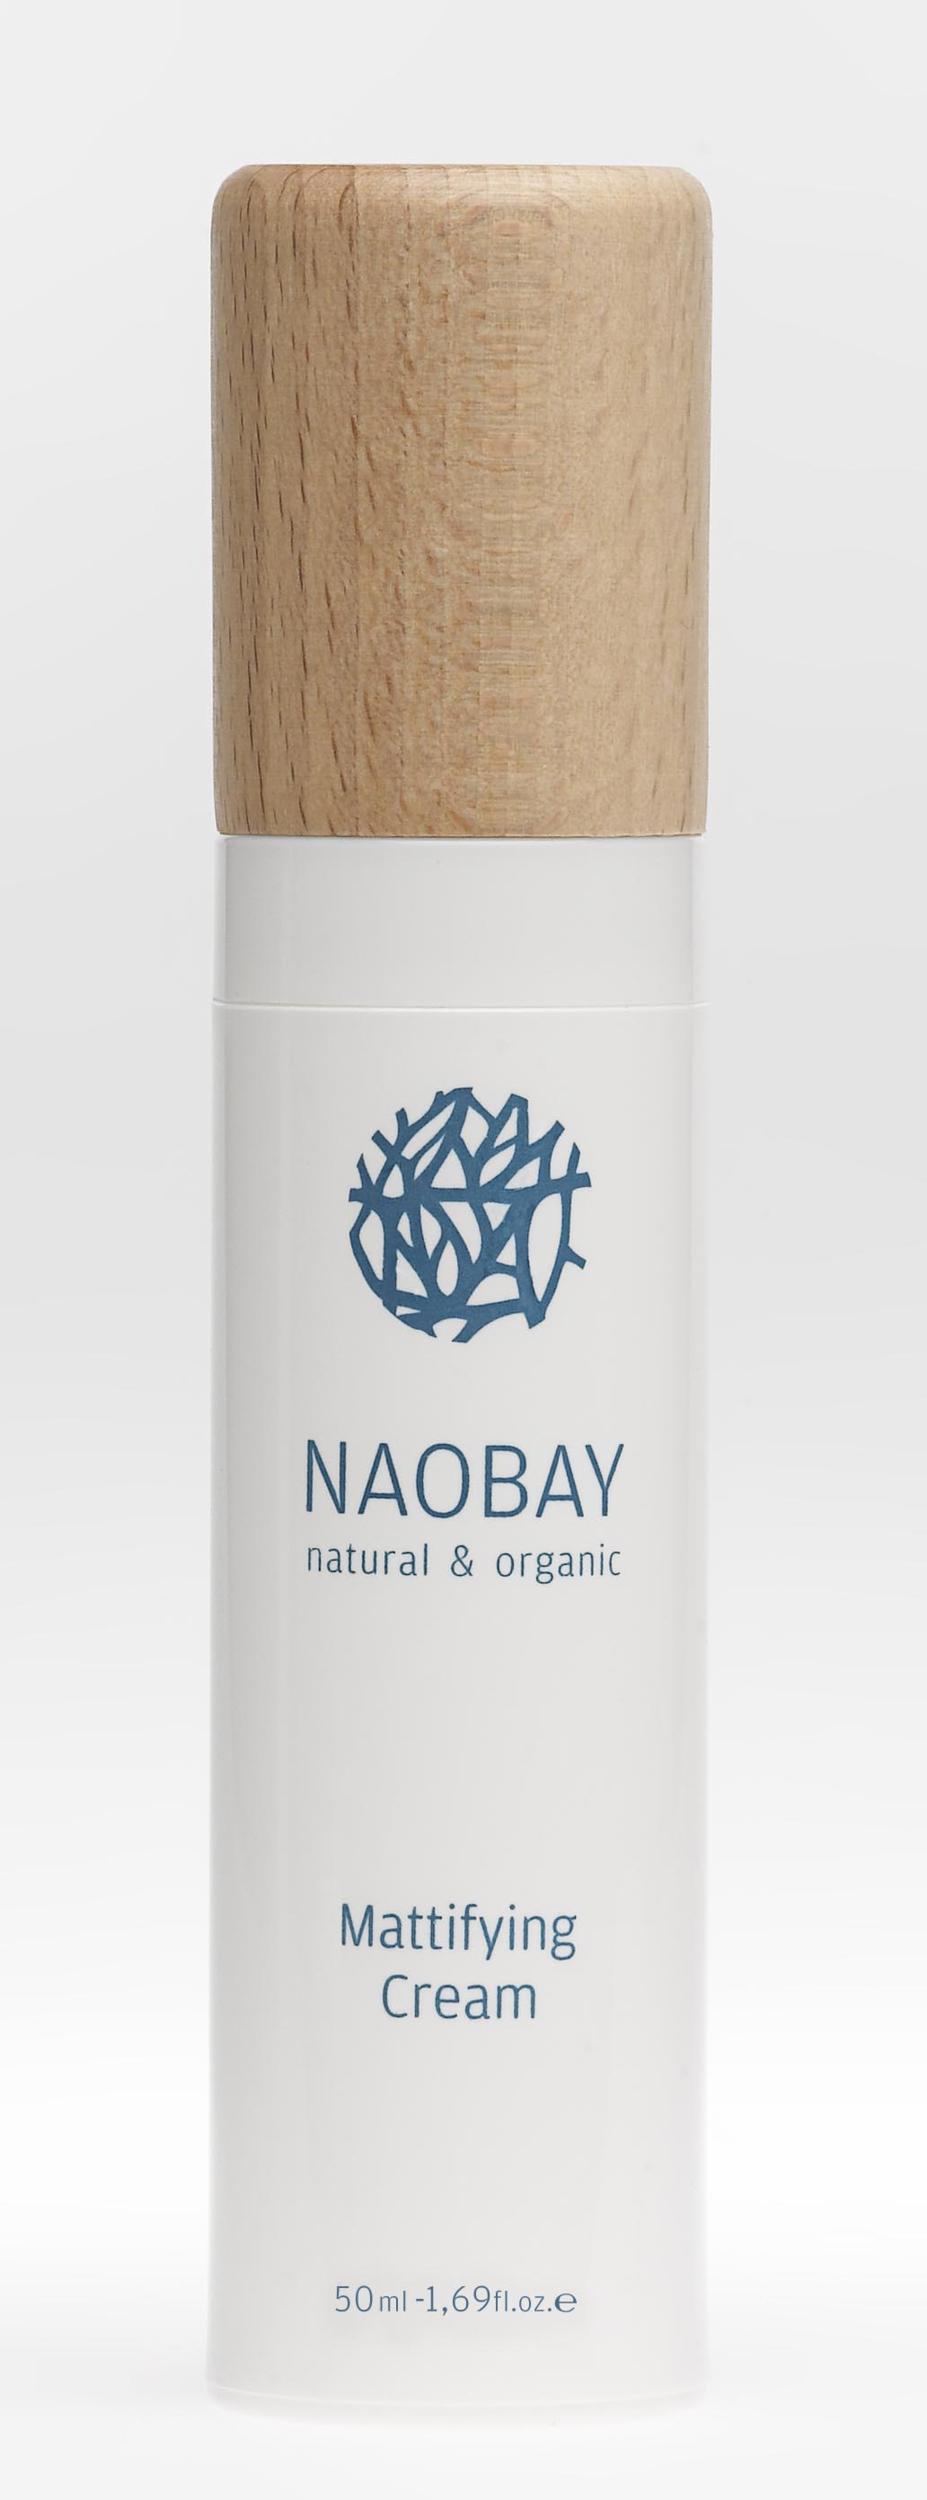 235 NAOBAY_MATTIFYING_CREAM50ml